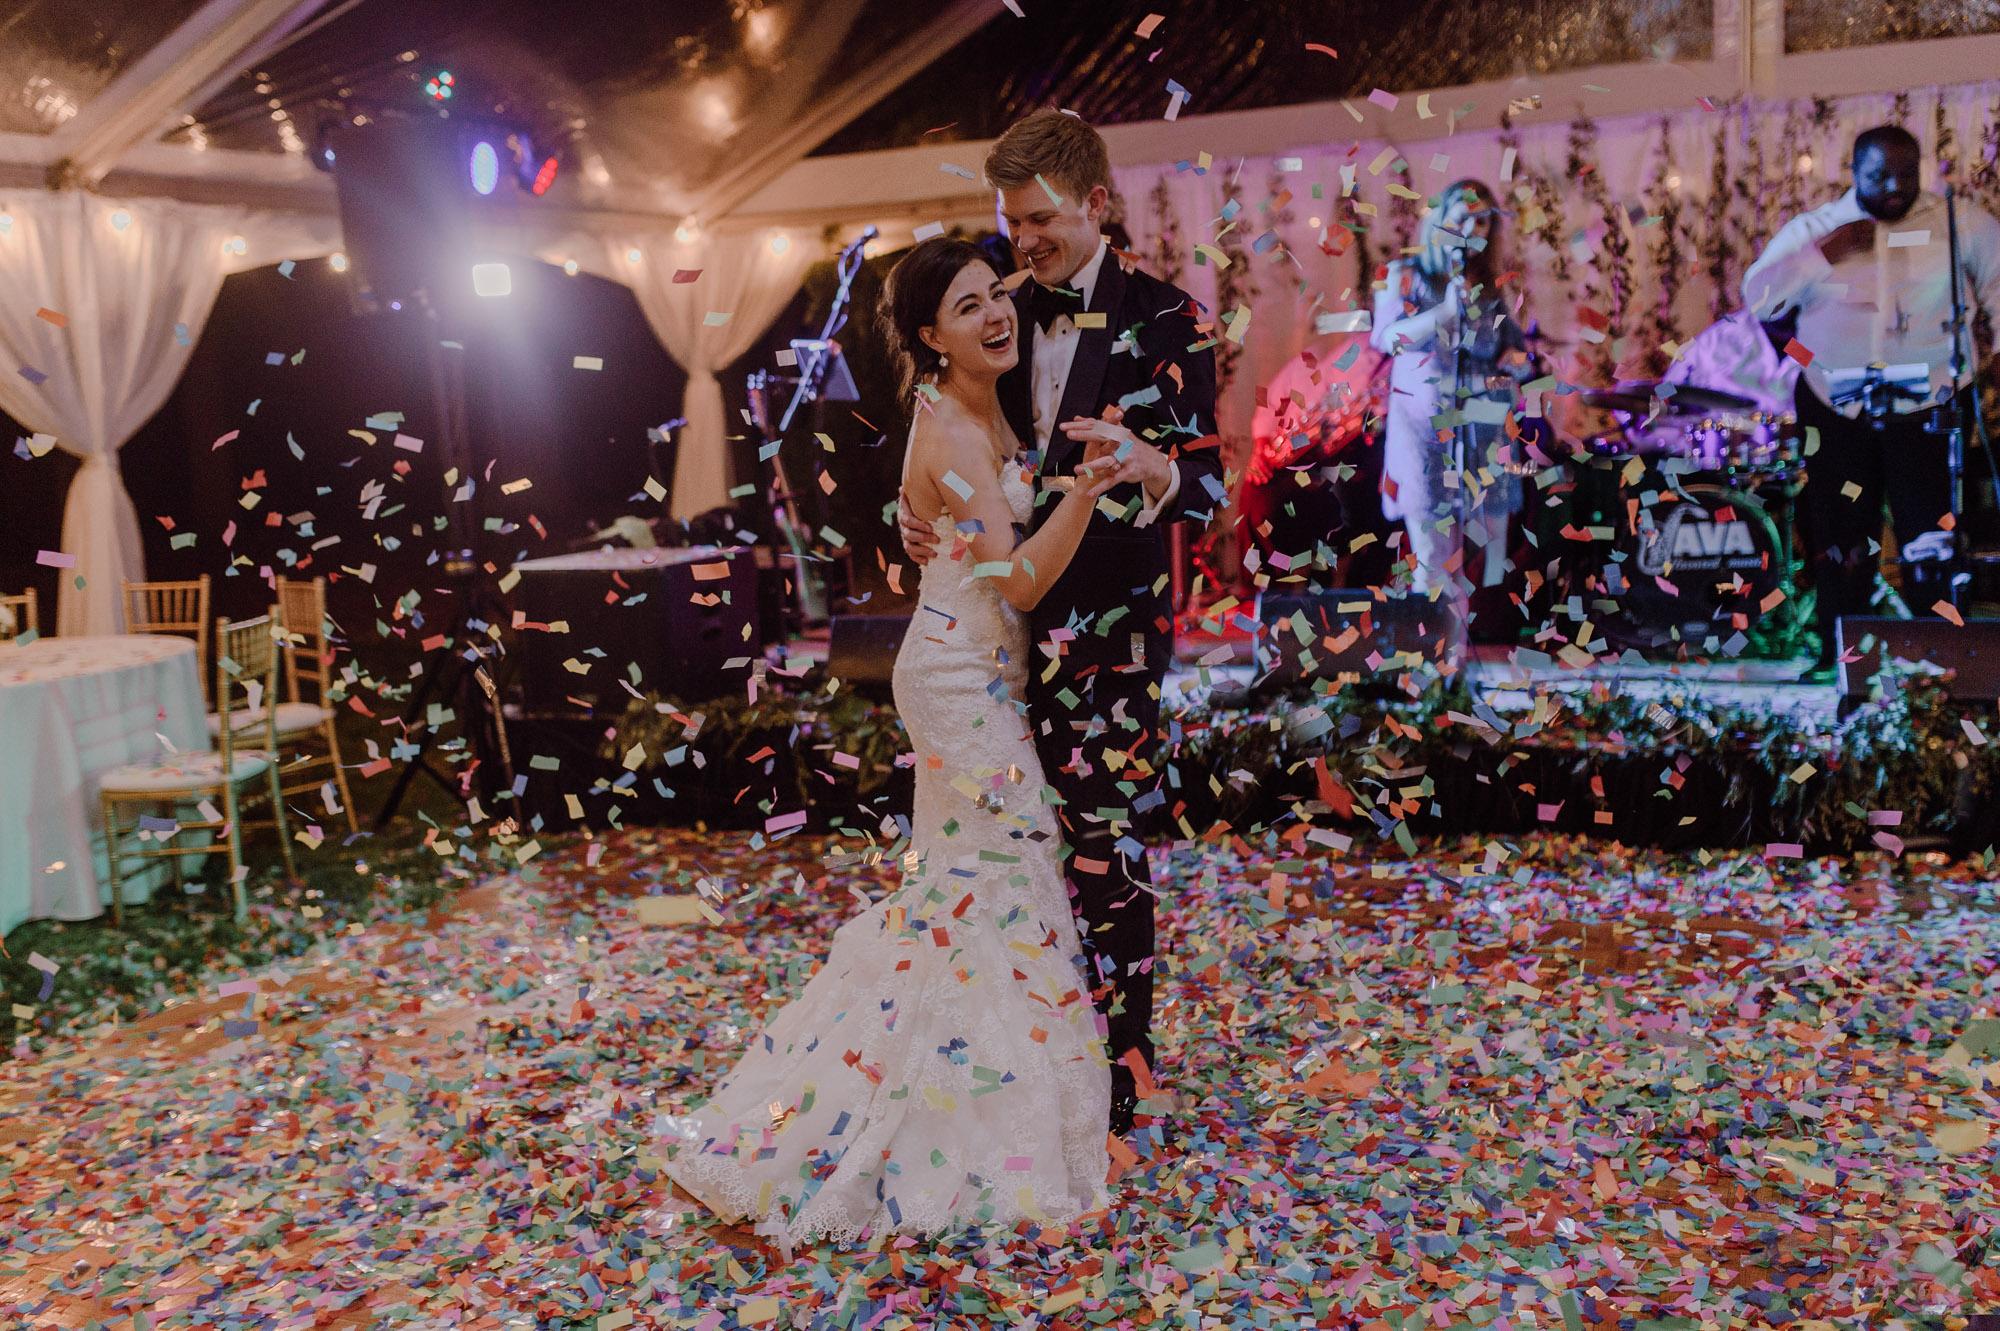 Wedding confetti send off